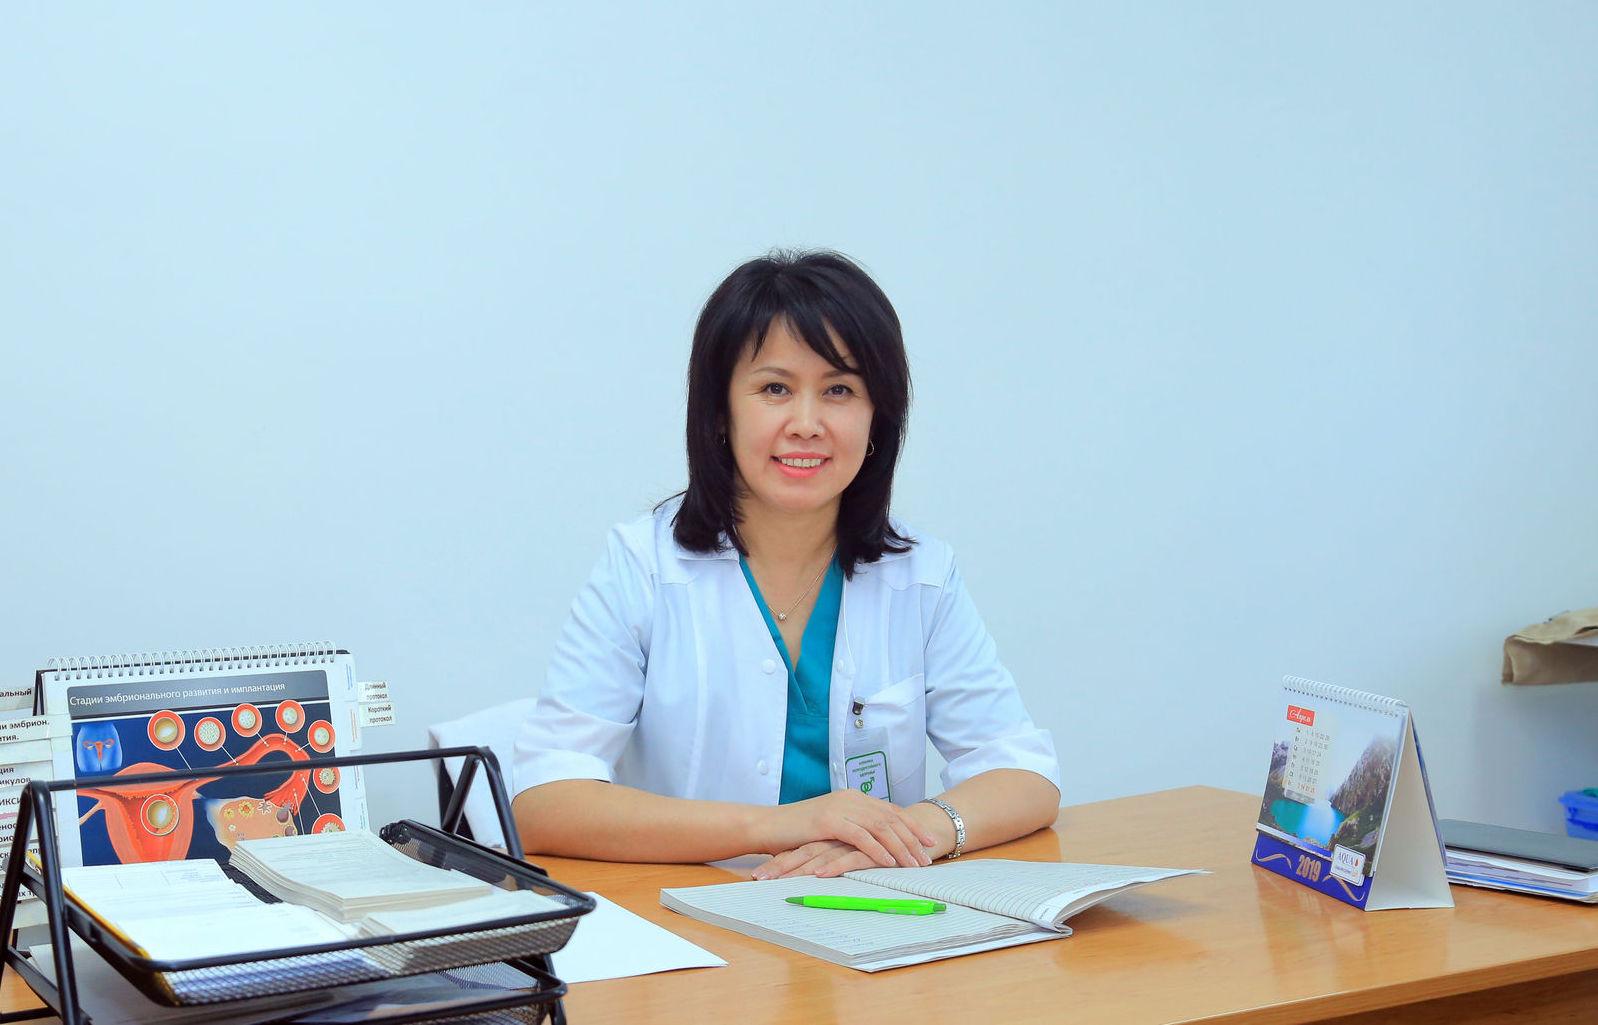 Акушер-гинеколог-эндокринолог Клиники репродуктивного здоровья и вспомогательных репродуктивных технологий Насипа Гапарова